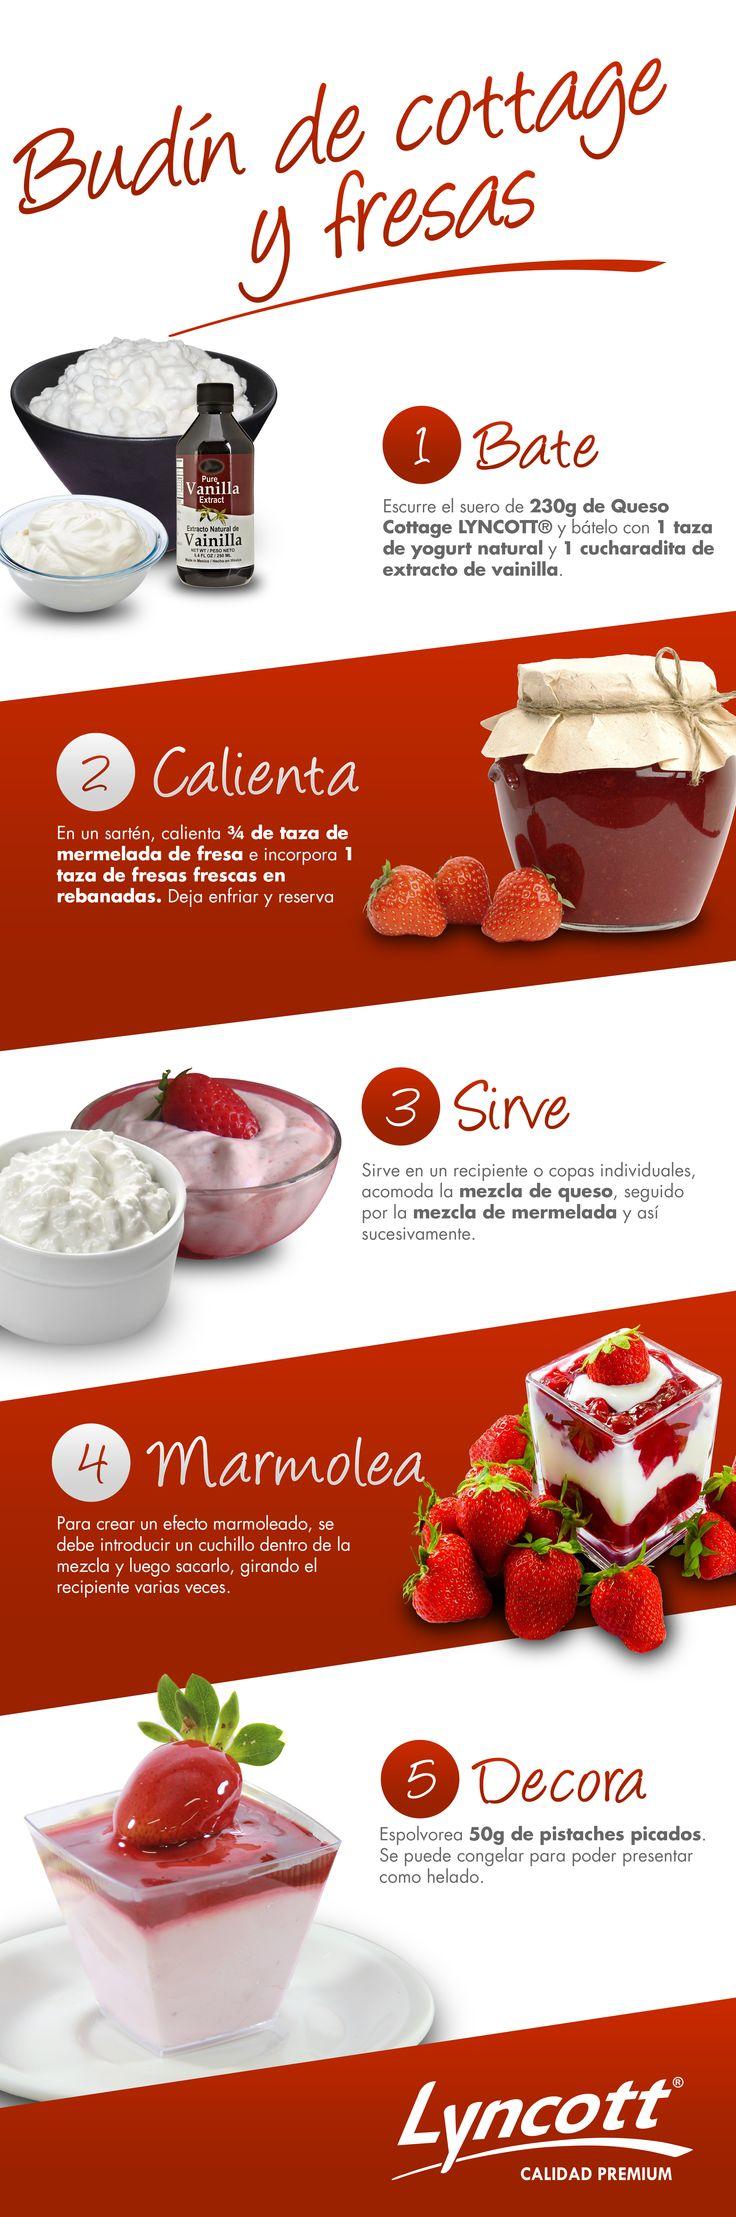 Budín de cottage y fresas #RecetaFácil #Postre #Fresas #Budín